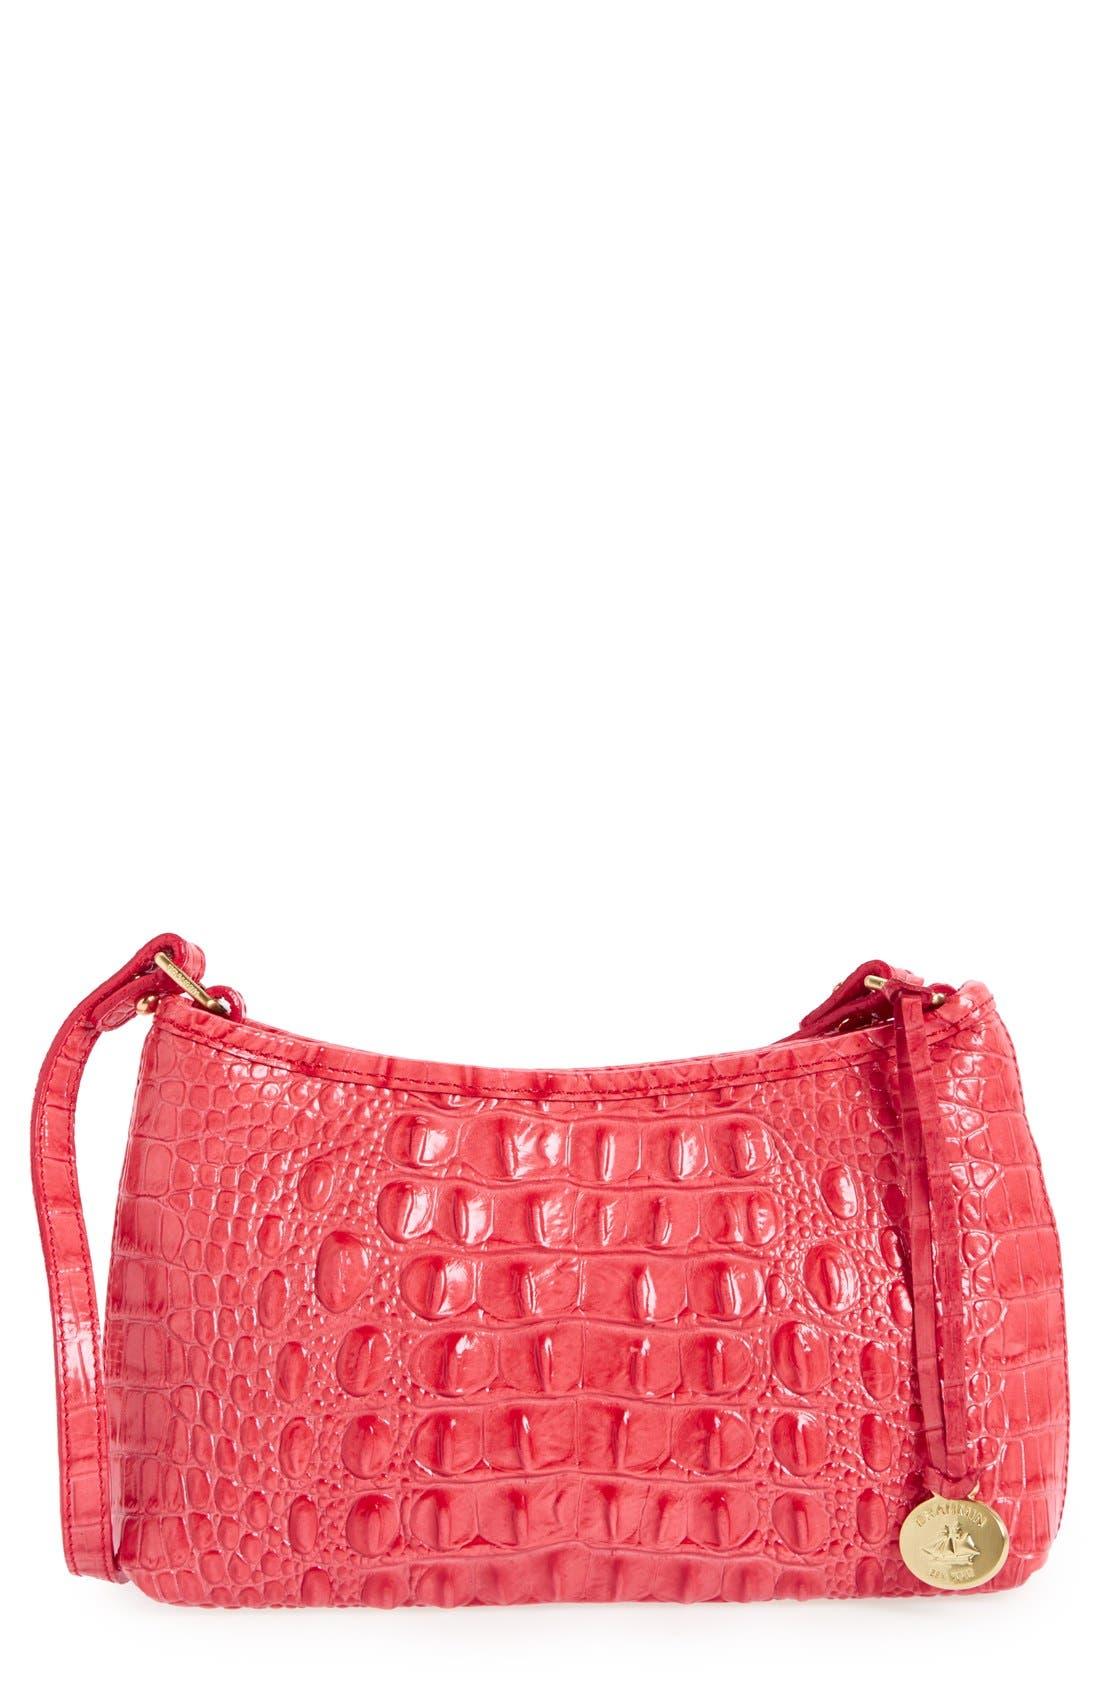 'Anytime - Mini' Convertible Handbag,                             Main thumbnail 19, color,